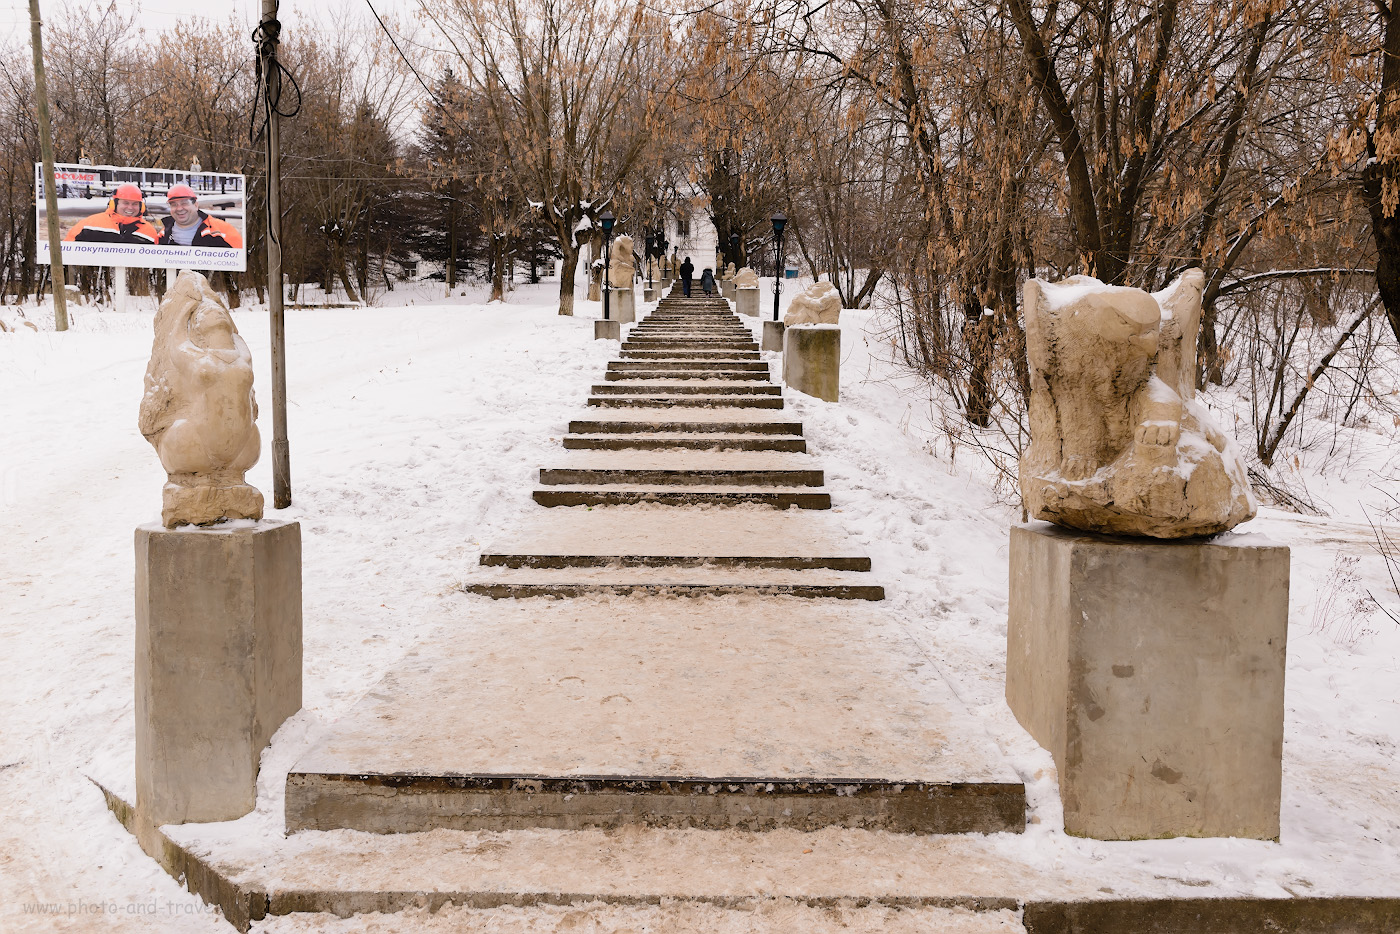 Фотография 4. Где-то за этой лестницей стоит скульптурная композиция «У самовара», высотой 3,2 м. Путь в деревню Сасыково к водопаду Плакун пролегает через поселок Суксун. Путешествие по Пермскому краю на авто.